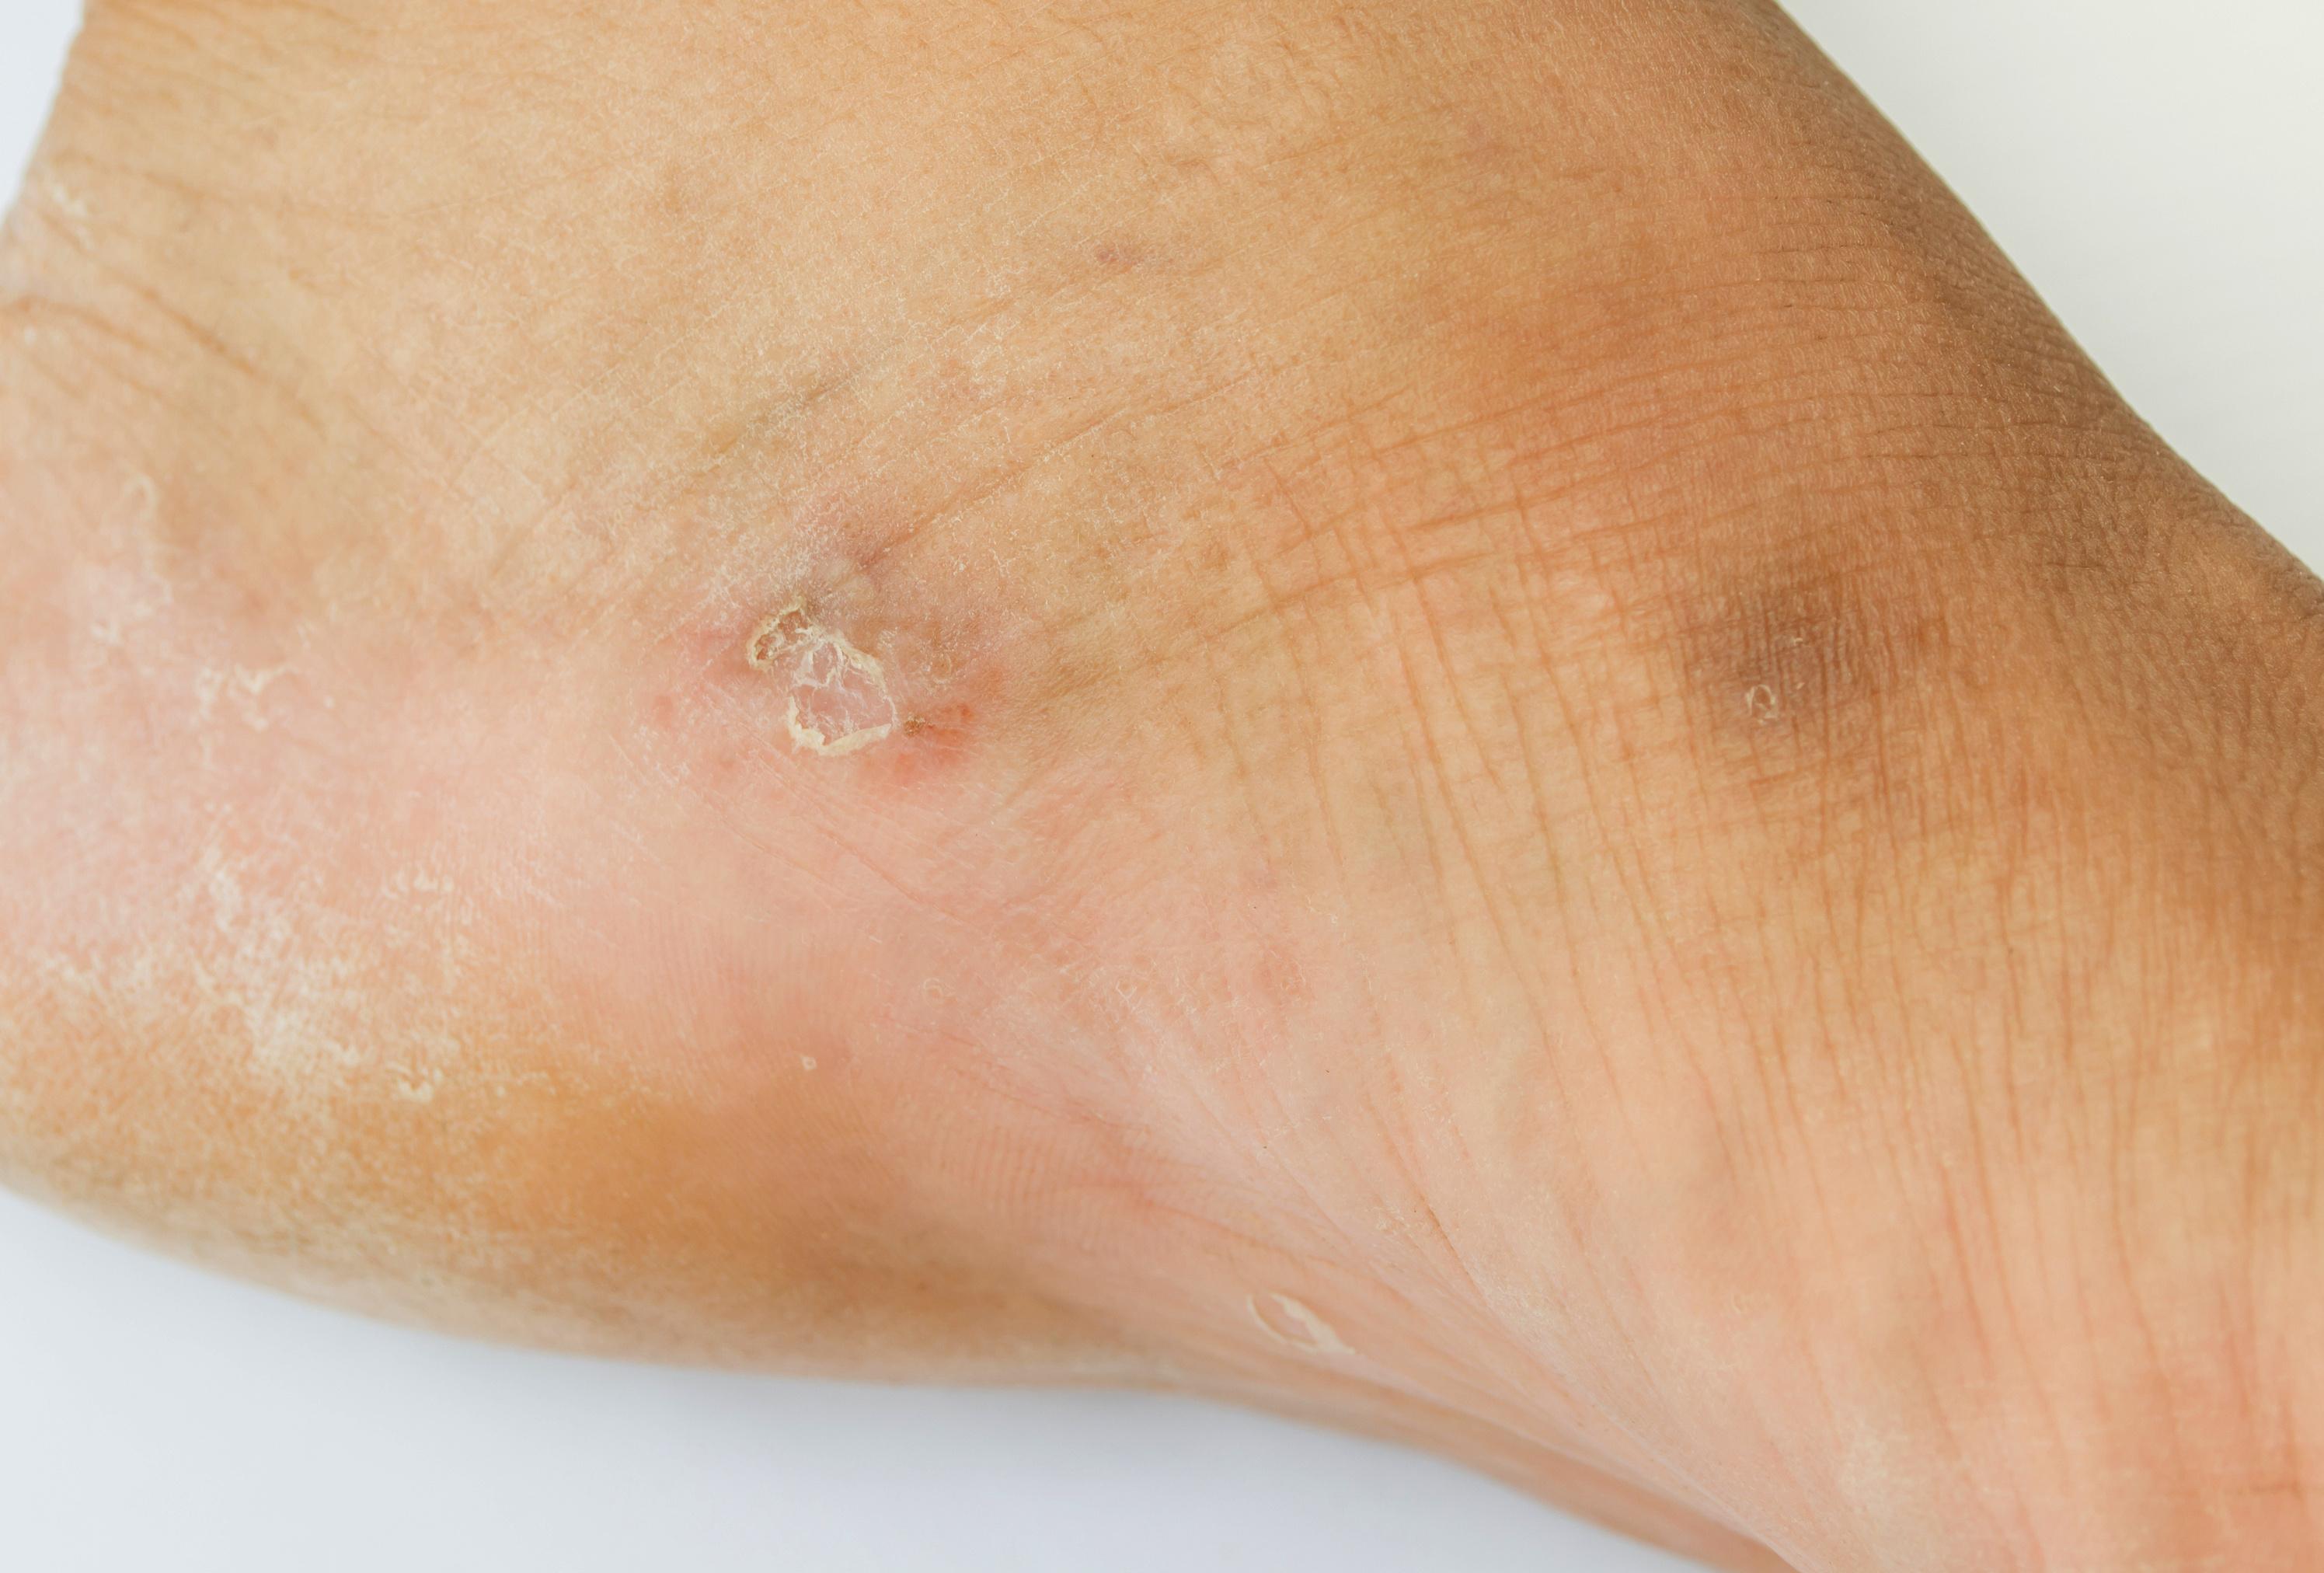 vörös foltok a lábakon fotó és a betegség neve